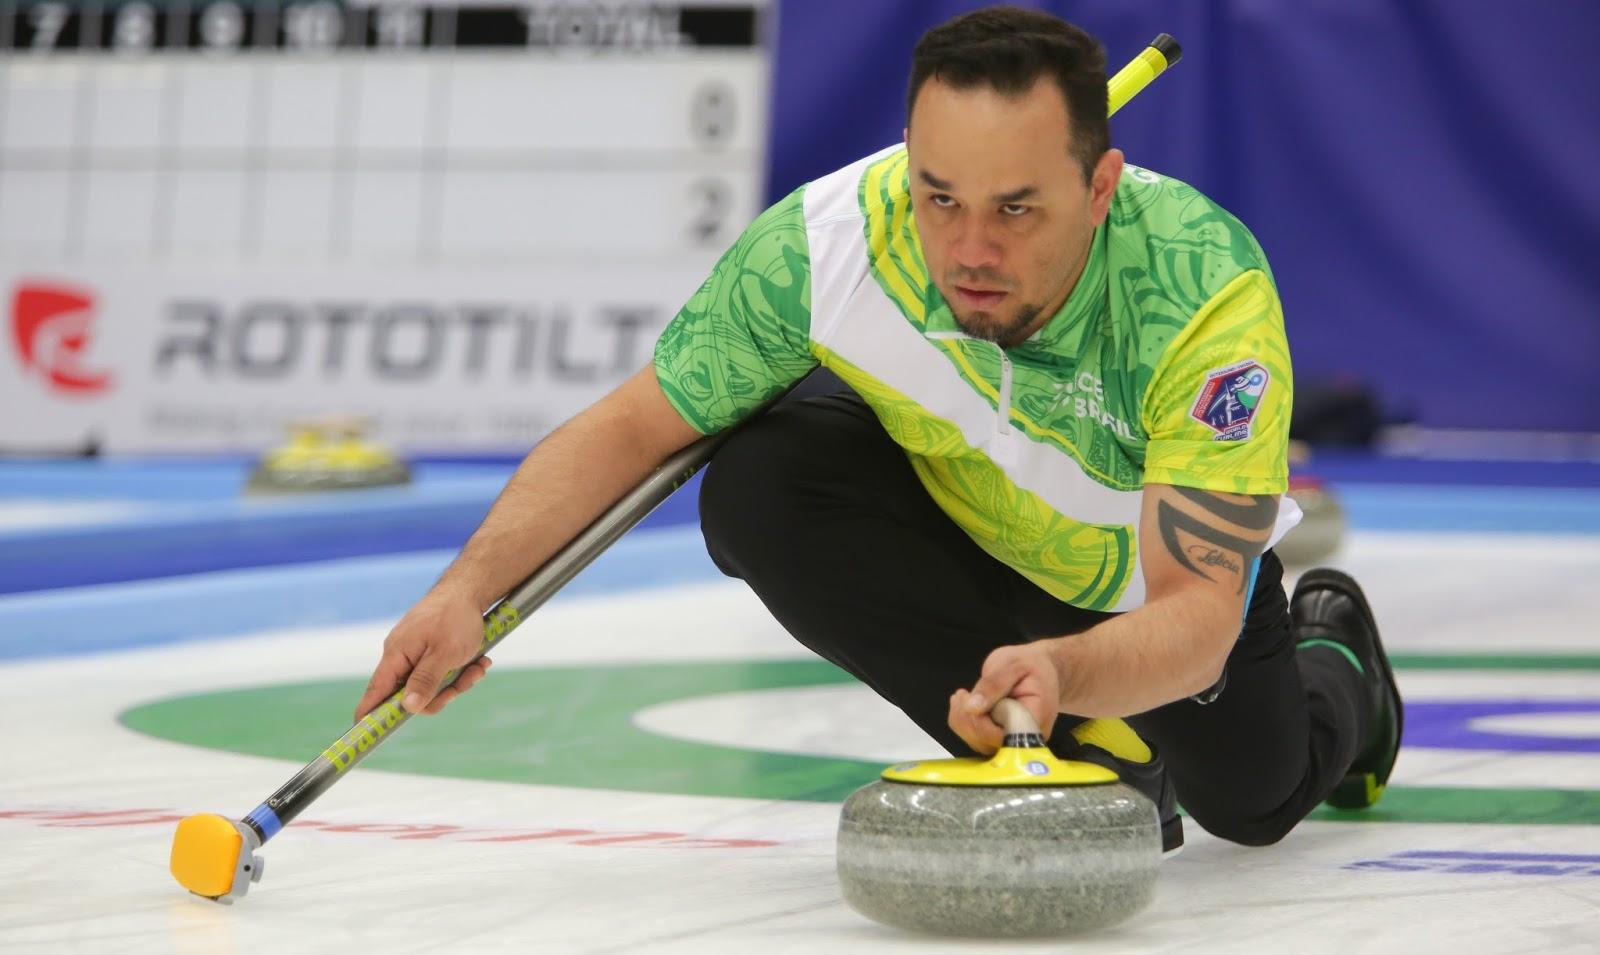 Dupla do Brasil tem dia 'quase' perfeito no Mundial de Curling